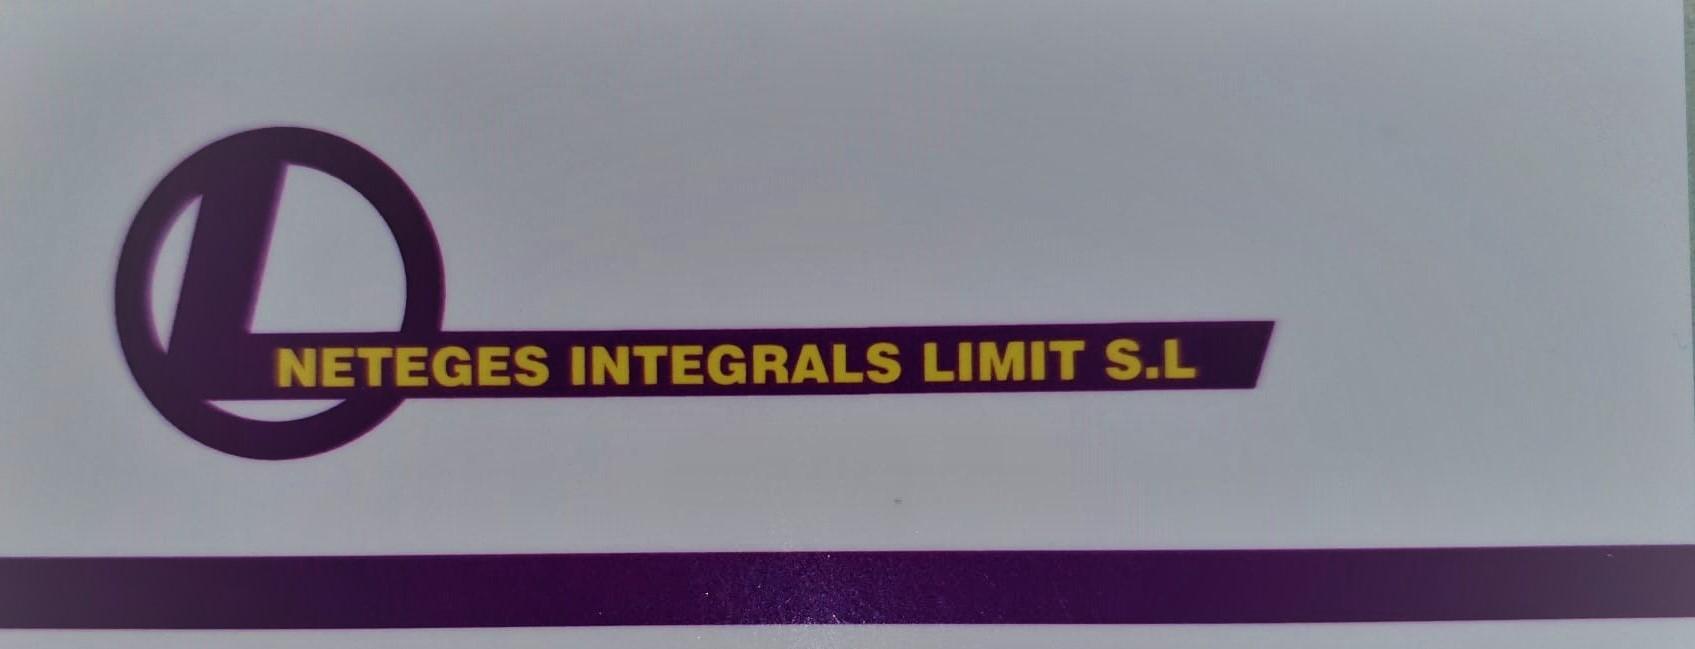 Neteges Integrals Limit S.L.